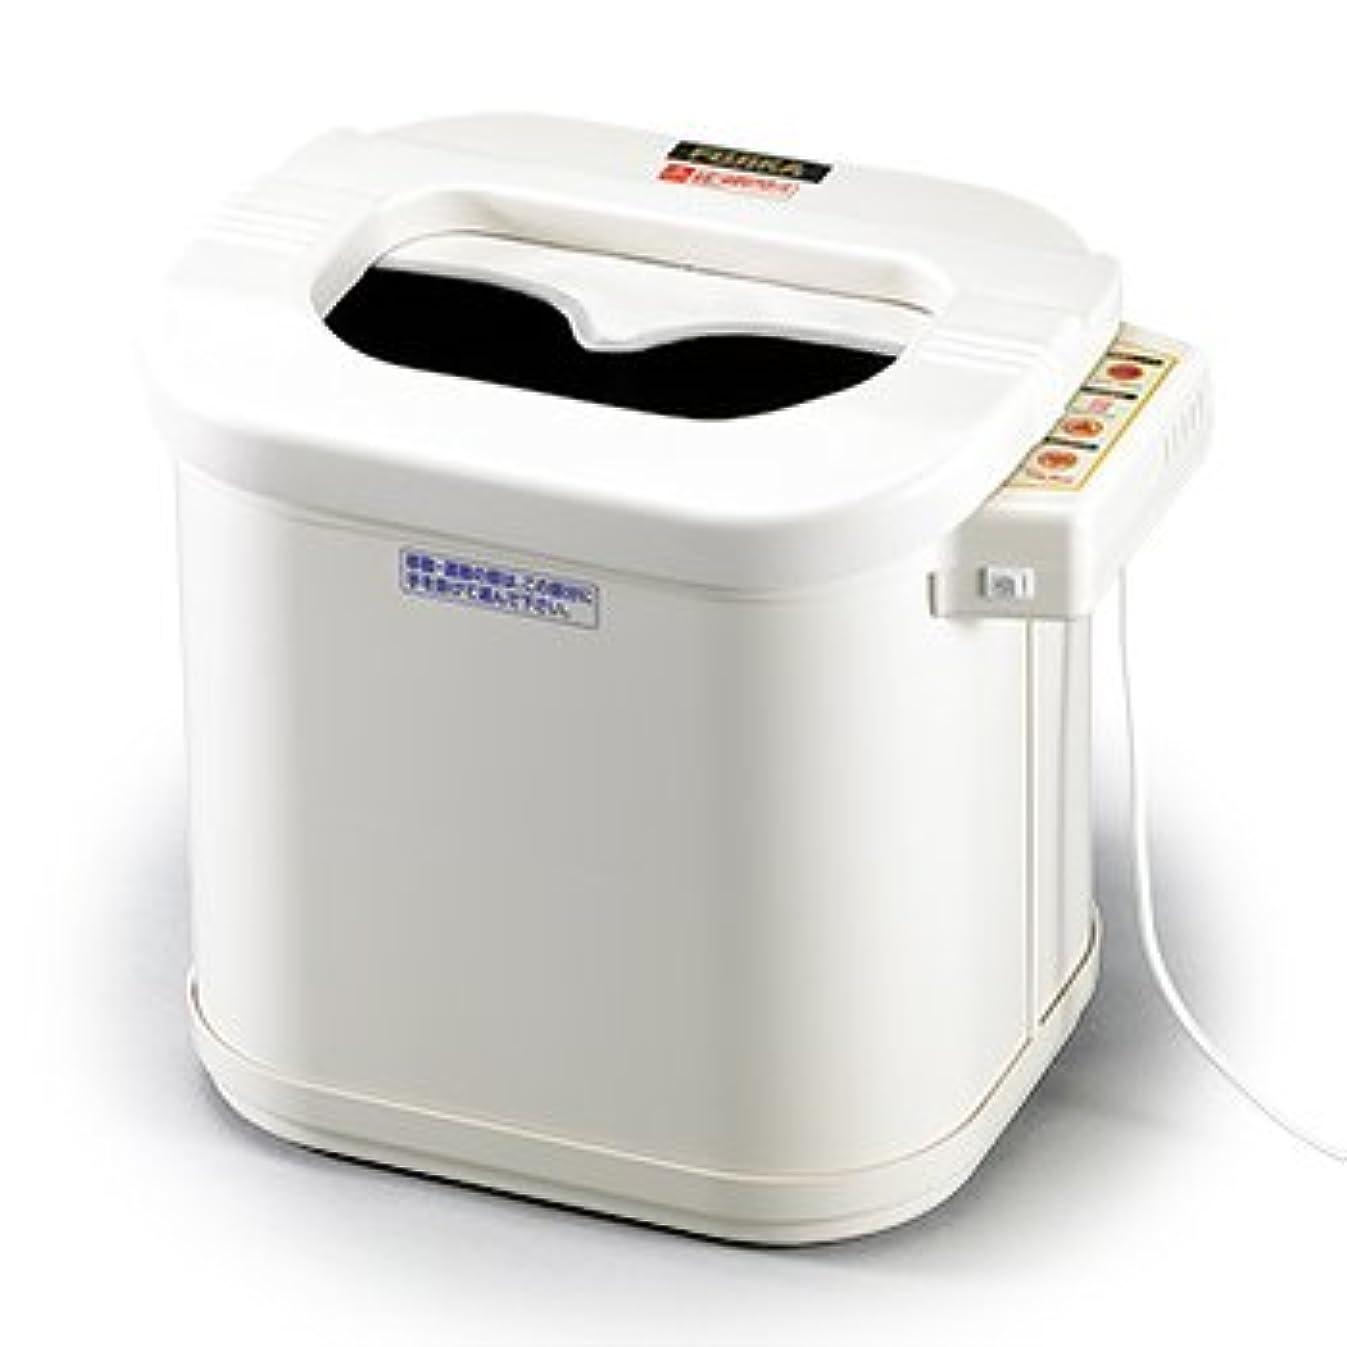 きゅうり政治家マーティンルーサーキングジュニアフジカ スマーティ レッグホット LH-2型 遠赤外線 足温器 足浴器